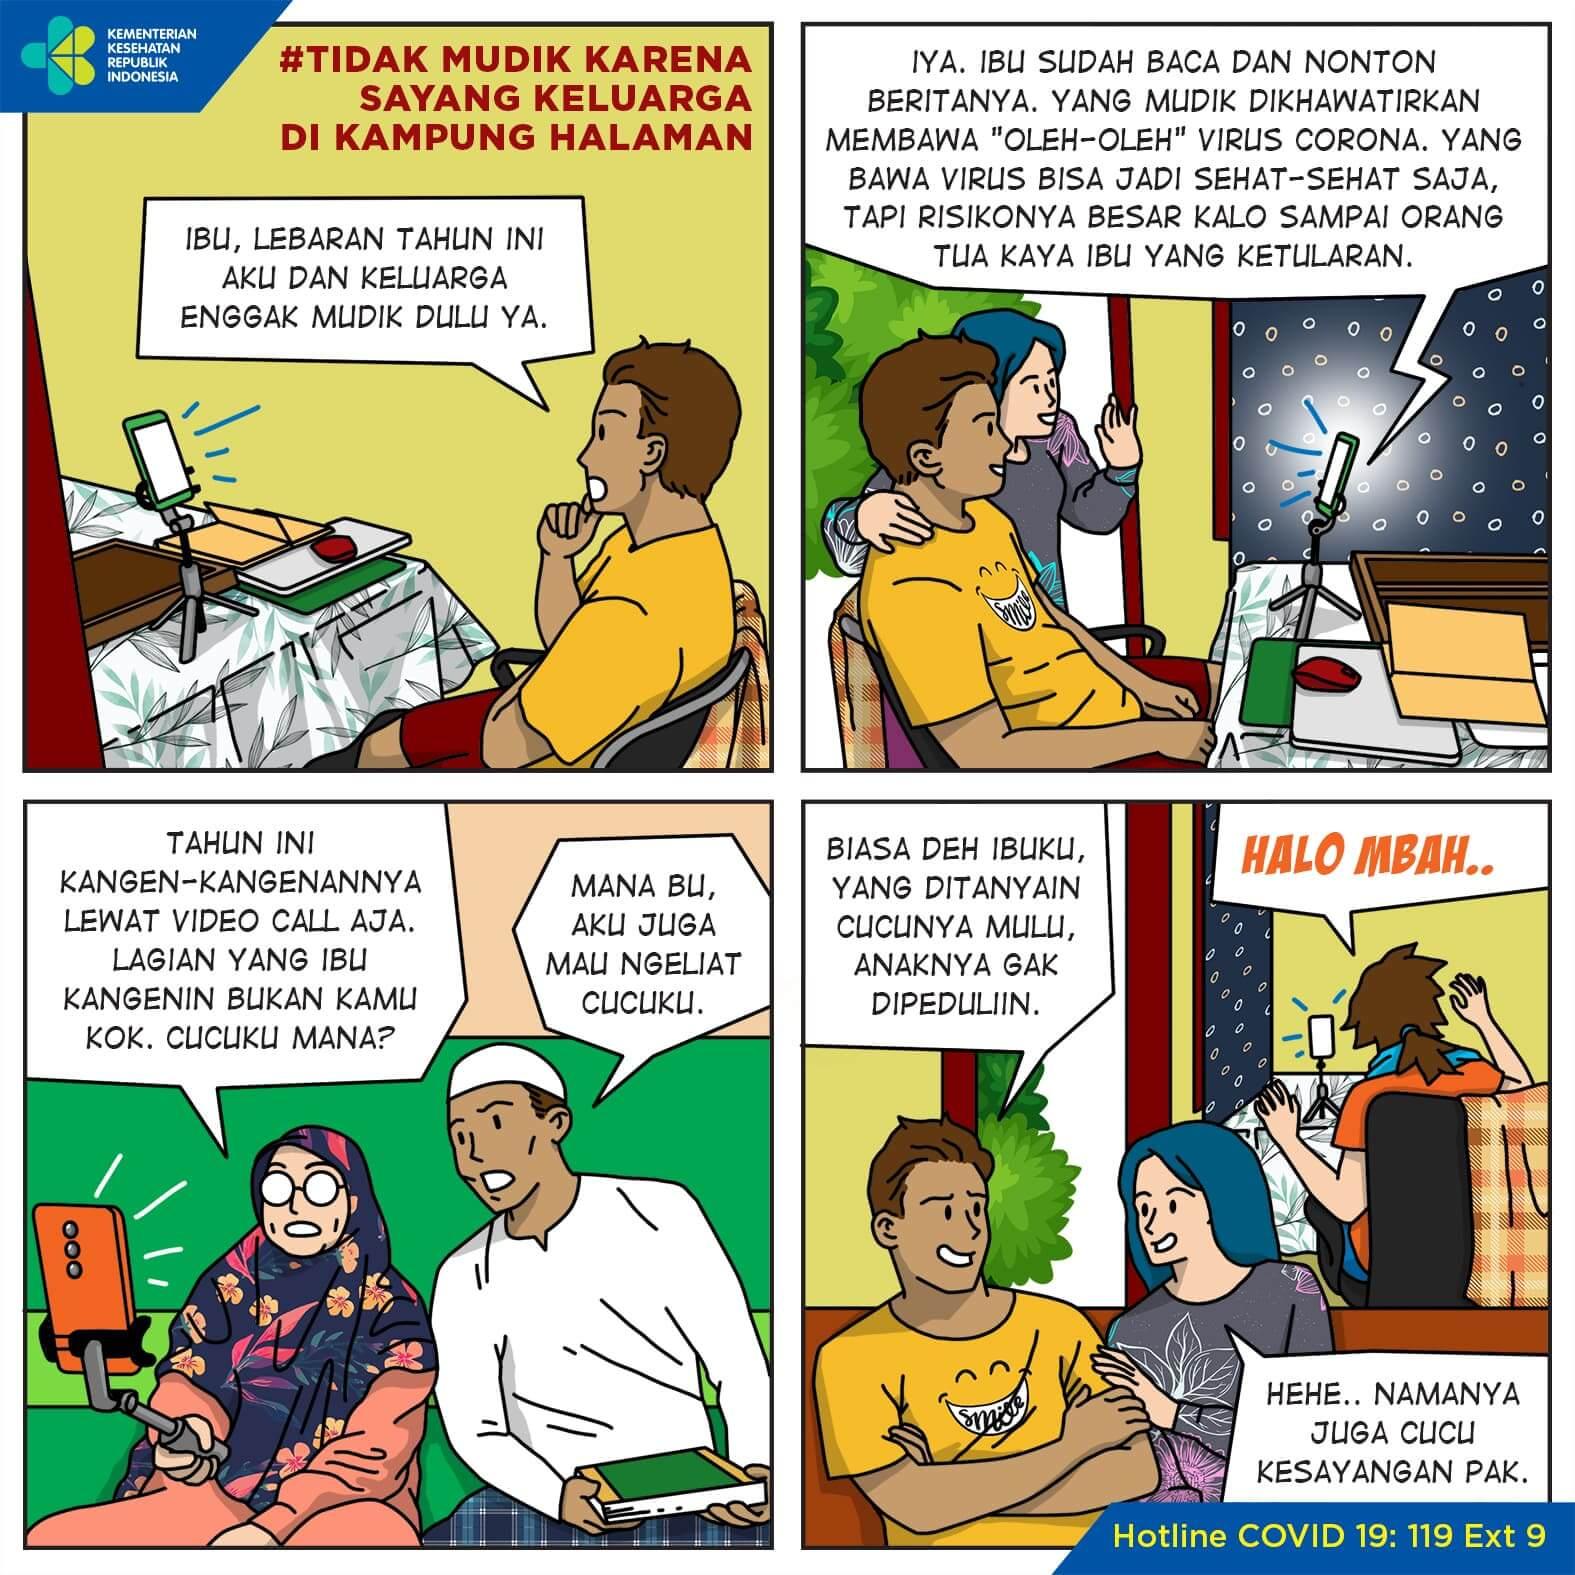 Tidak Mudik Karena Sayang Keluarga di Kampung Halaman